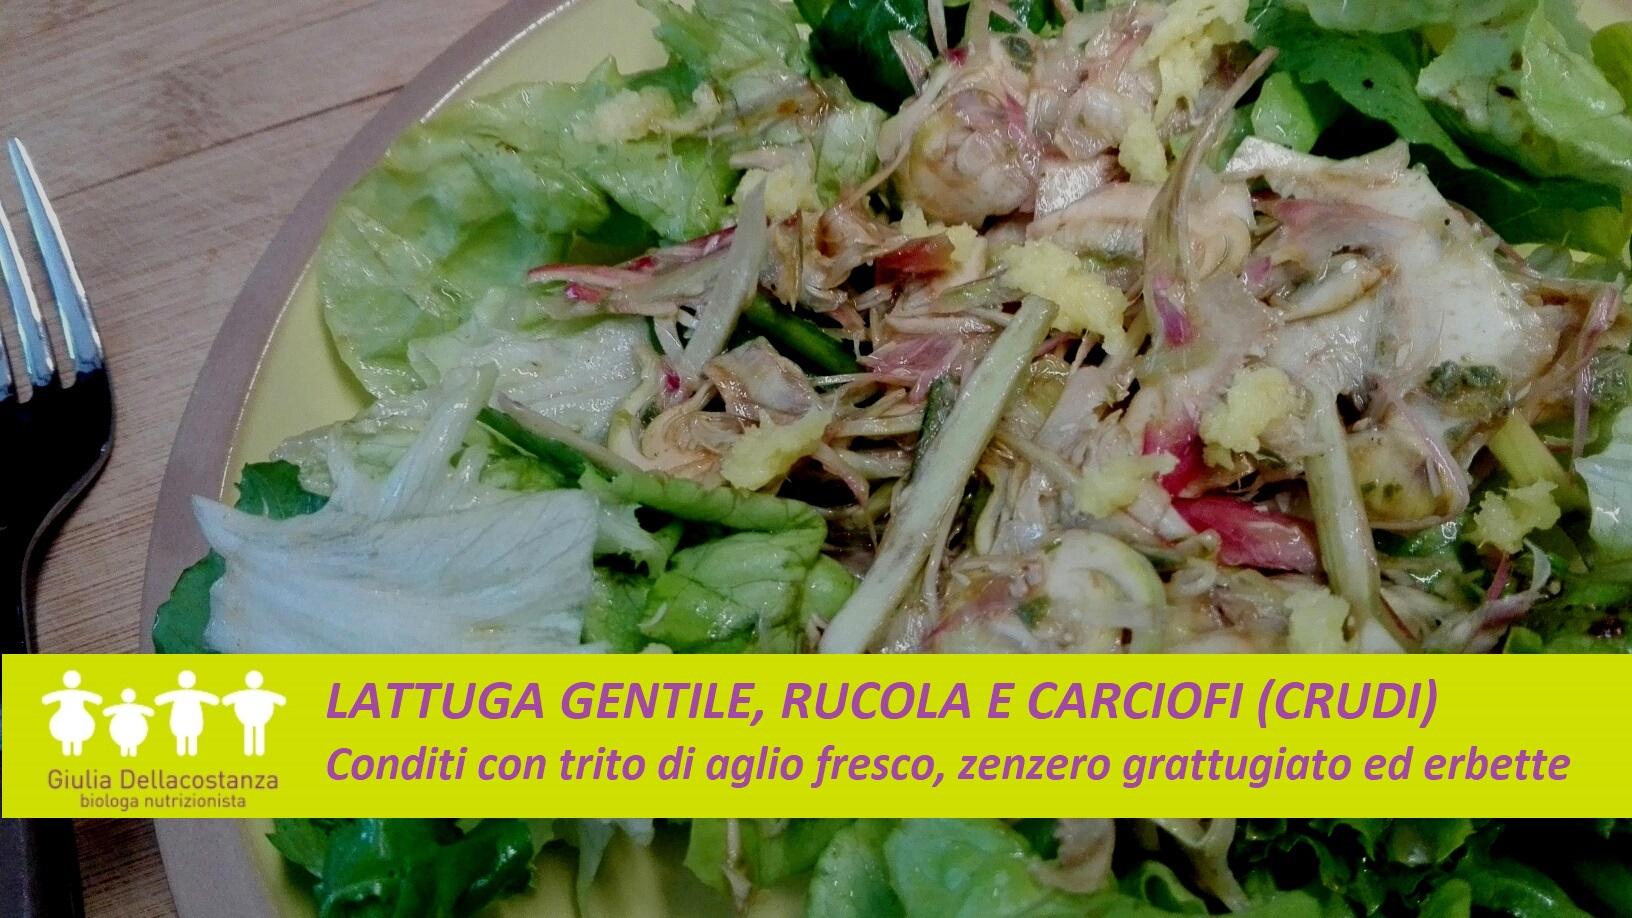 Insalata con verdure crude primaverili, con carciofi a crudo e zenzero.